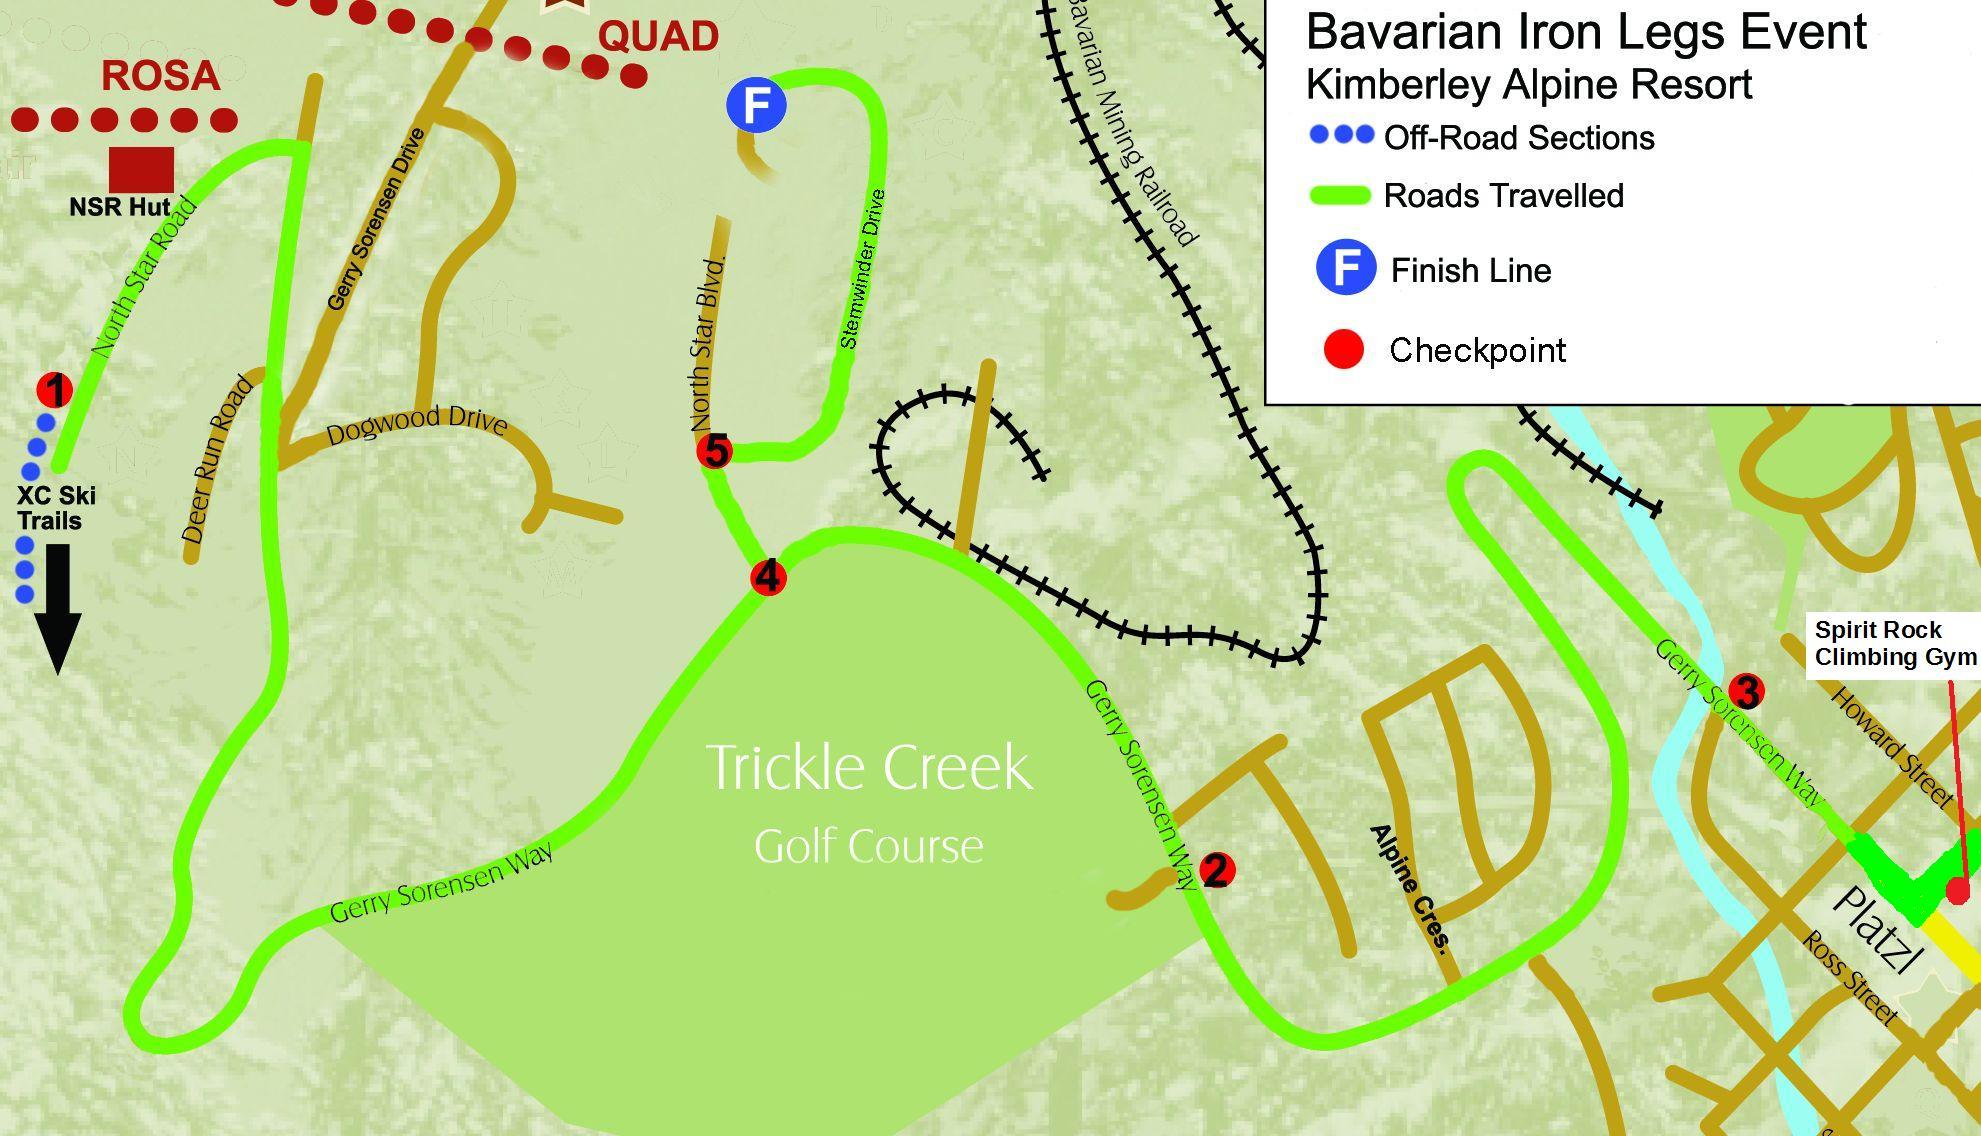 Cross Country Ski – Kimberley Alpine Resort on roberts creek bc map, saanichton bc map, south okanagan bc map, radium hot springs bc map, trail bc map, telegraph cove bc map, invermere bc map, duncan bc map, sidney bc map, comox bc map, burnaby bc map, langara island bc map, nelson bc map, kamloops bc map, tsawwassen bc map, edmonton bc map, princeton bc map, mission bc map, surrey bc map, west vancouver bc map,